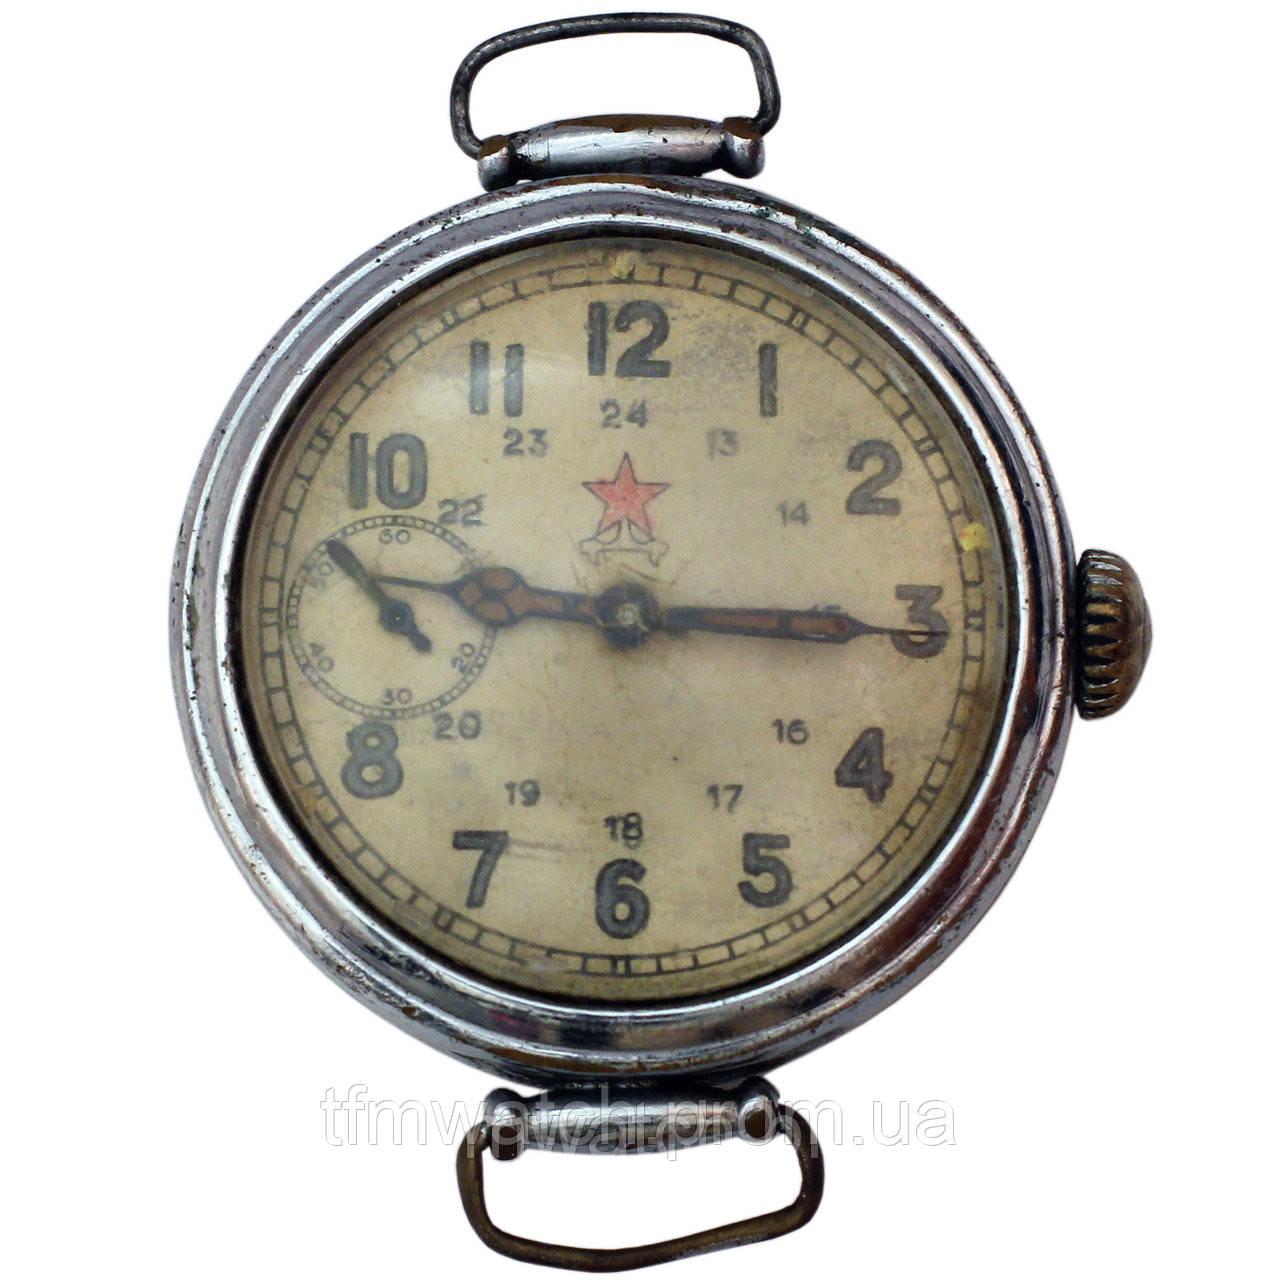 И часы как где продать работы ломбард часы наро фоминск